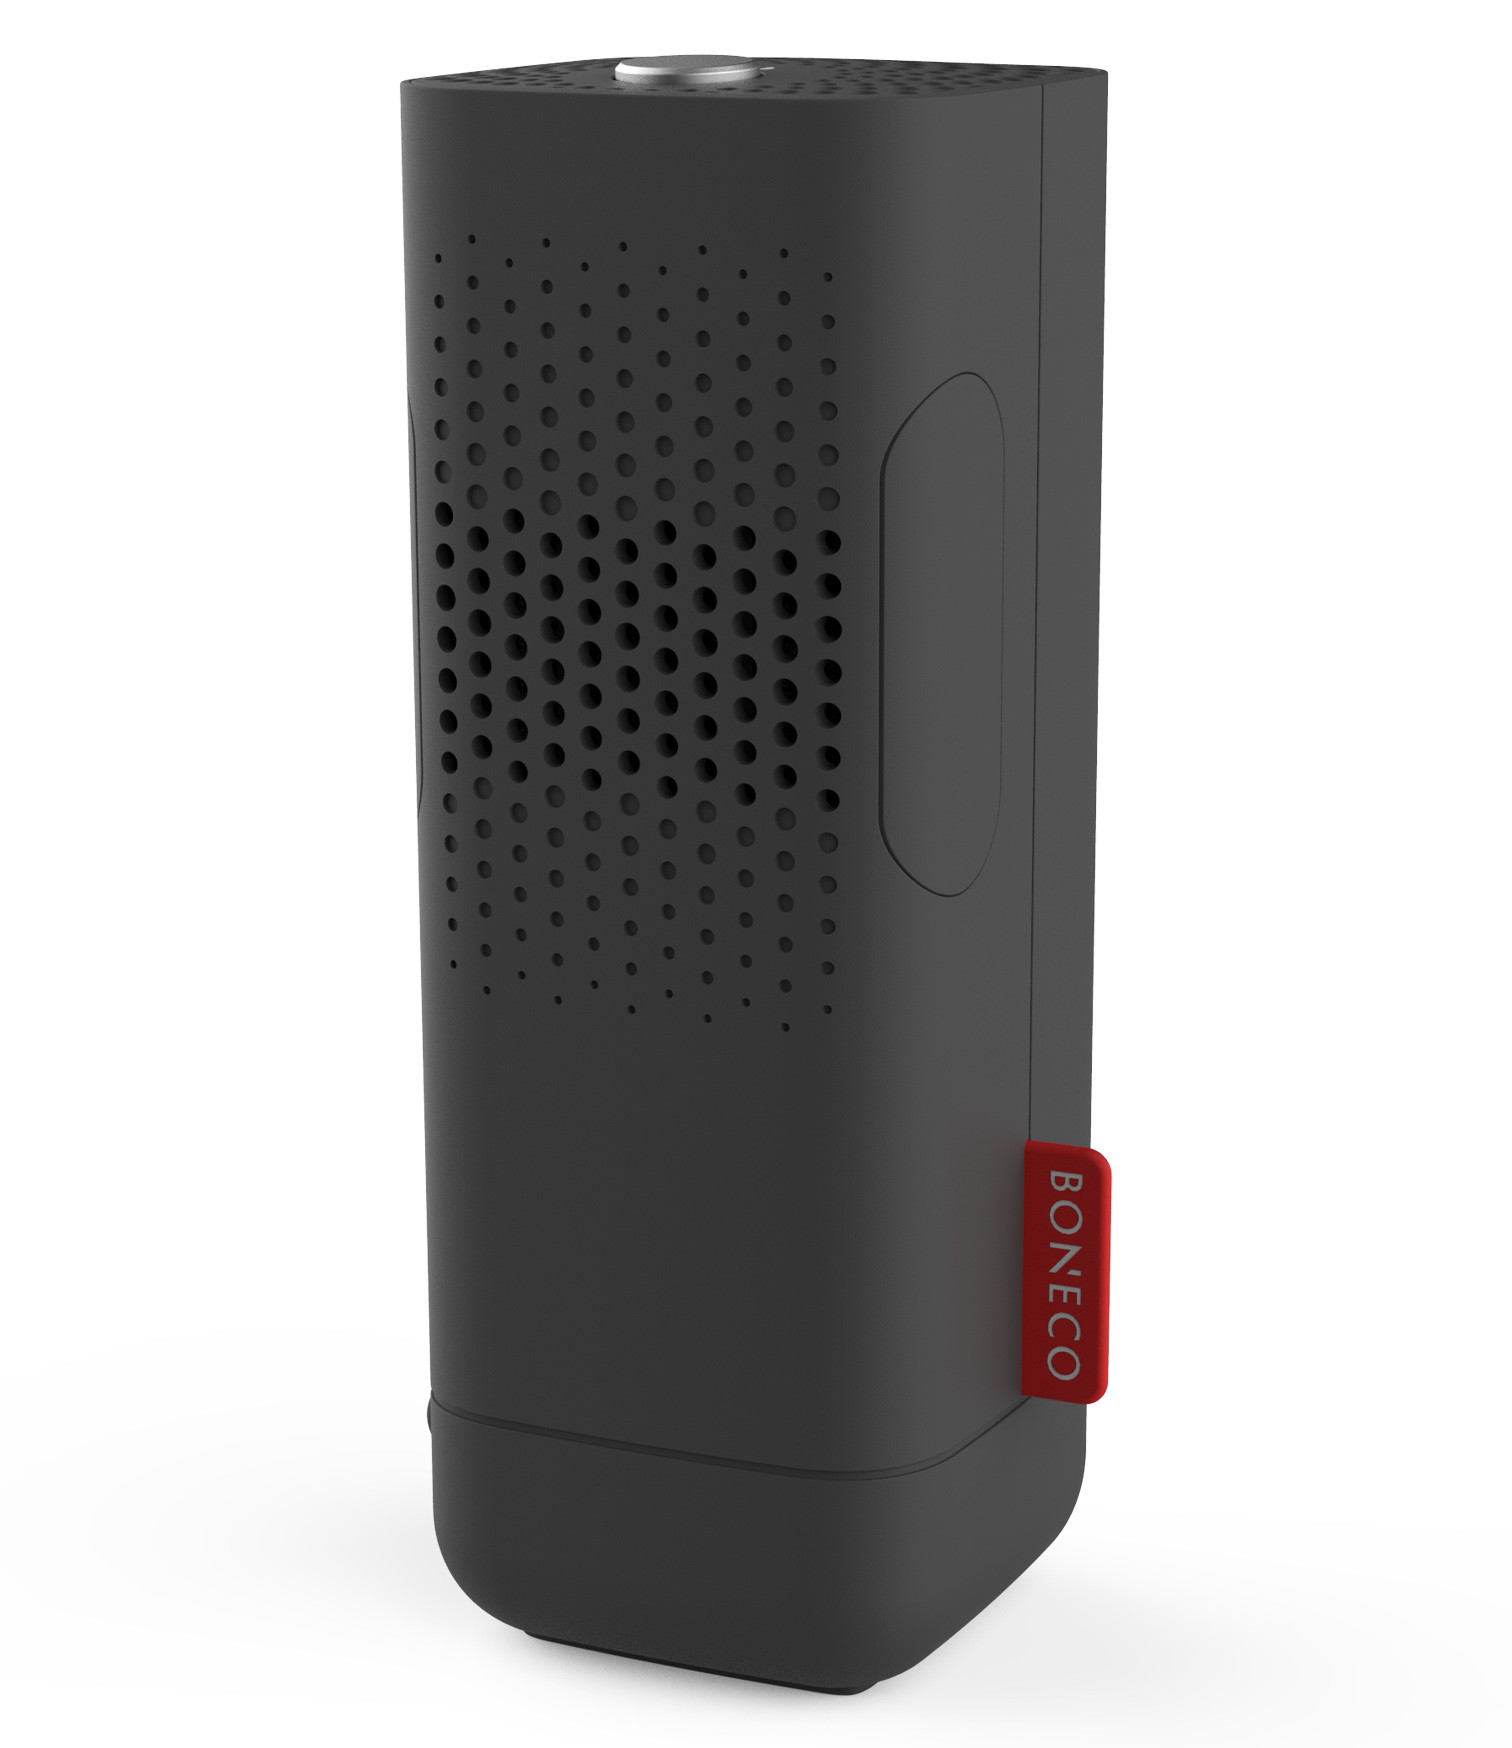 Boneco ionizer P50 - zwart detail